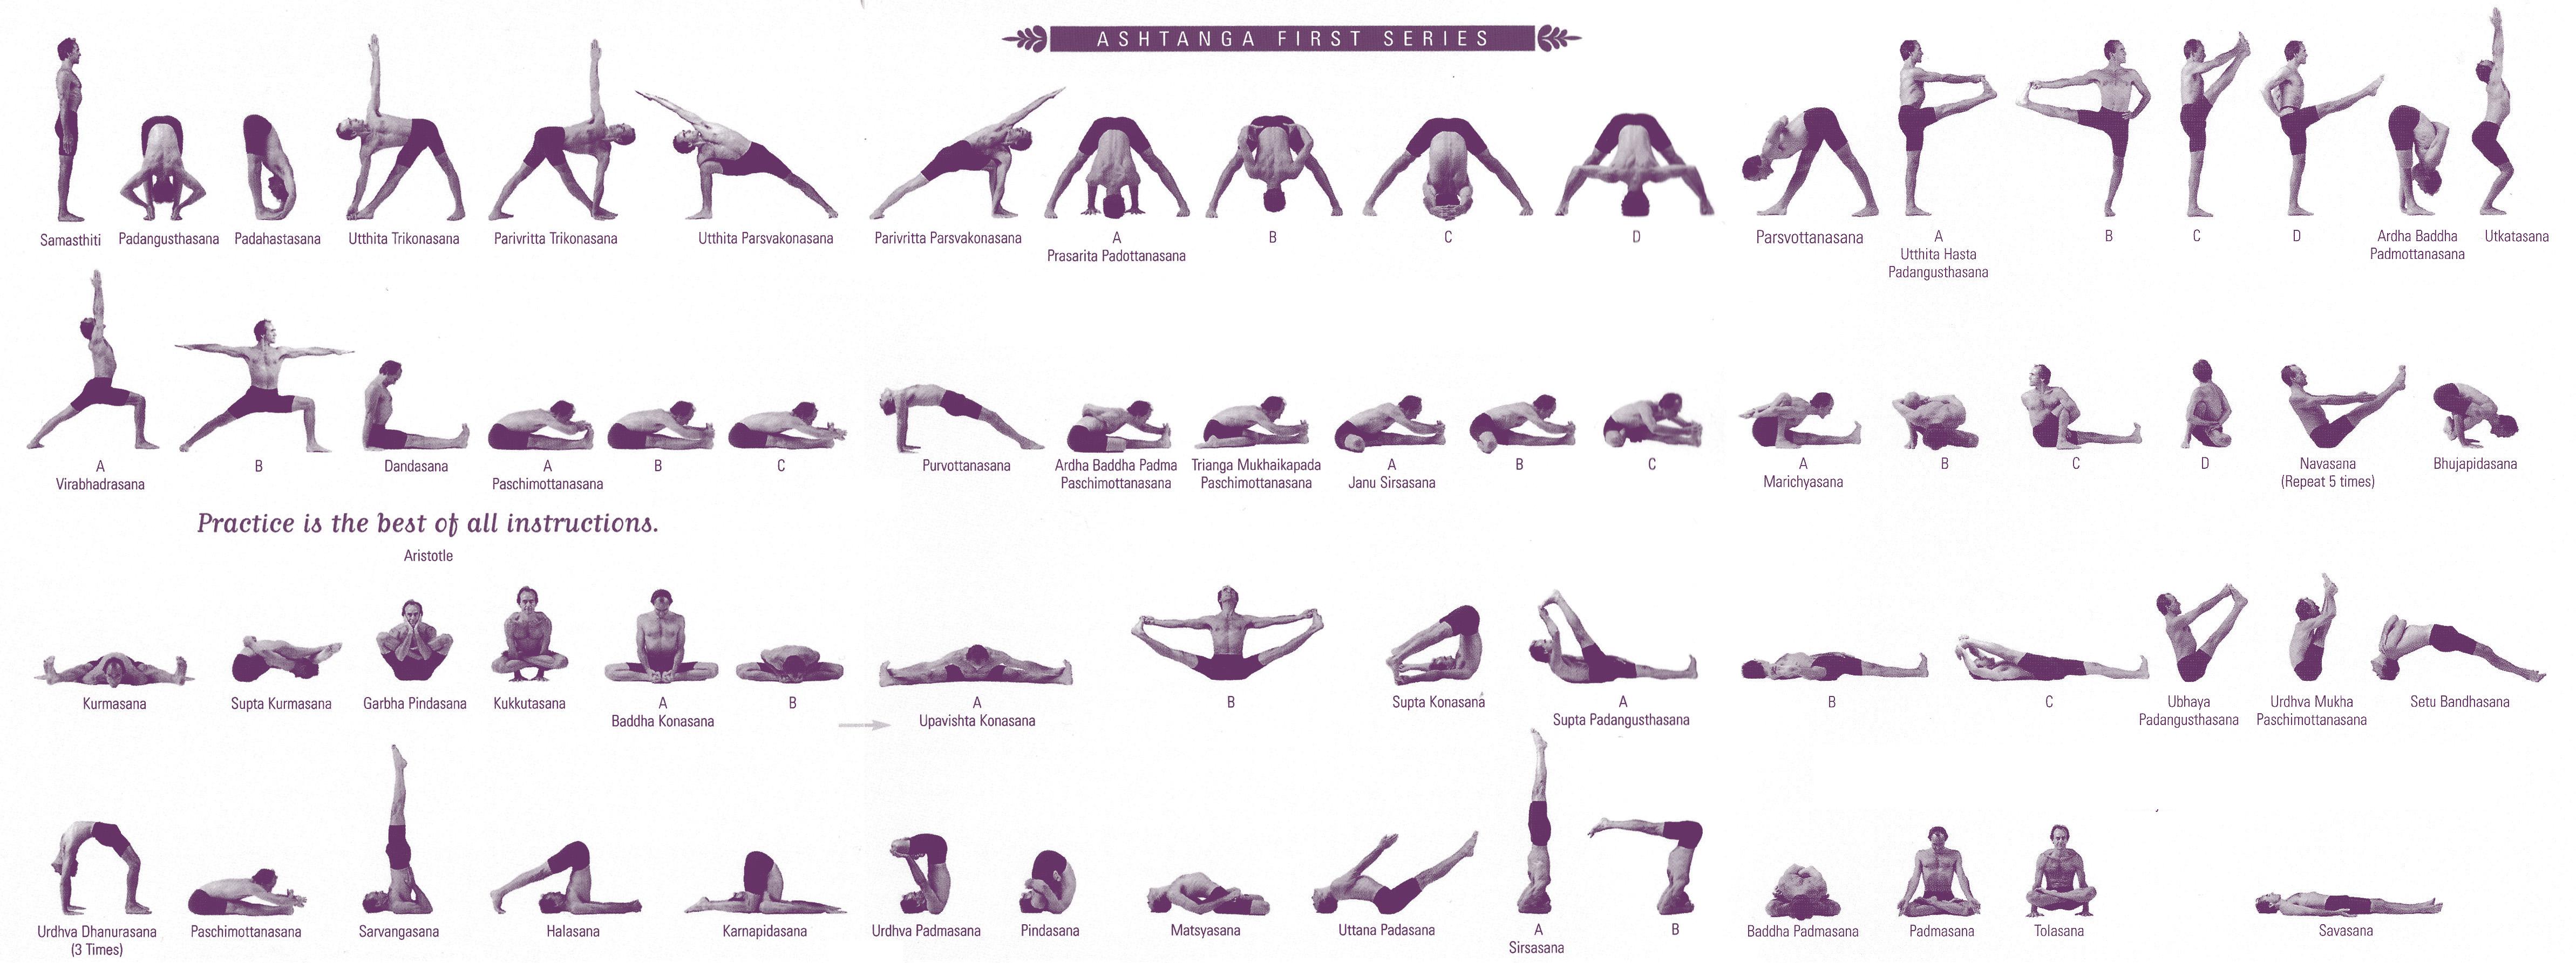 Хатха йога: описание практики и советы для начинающих. 100 фото упражнений и основные особенности